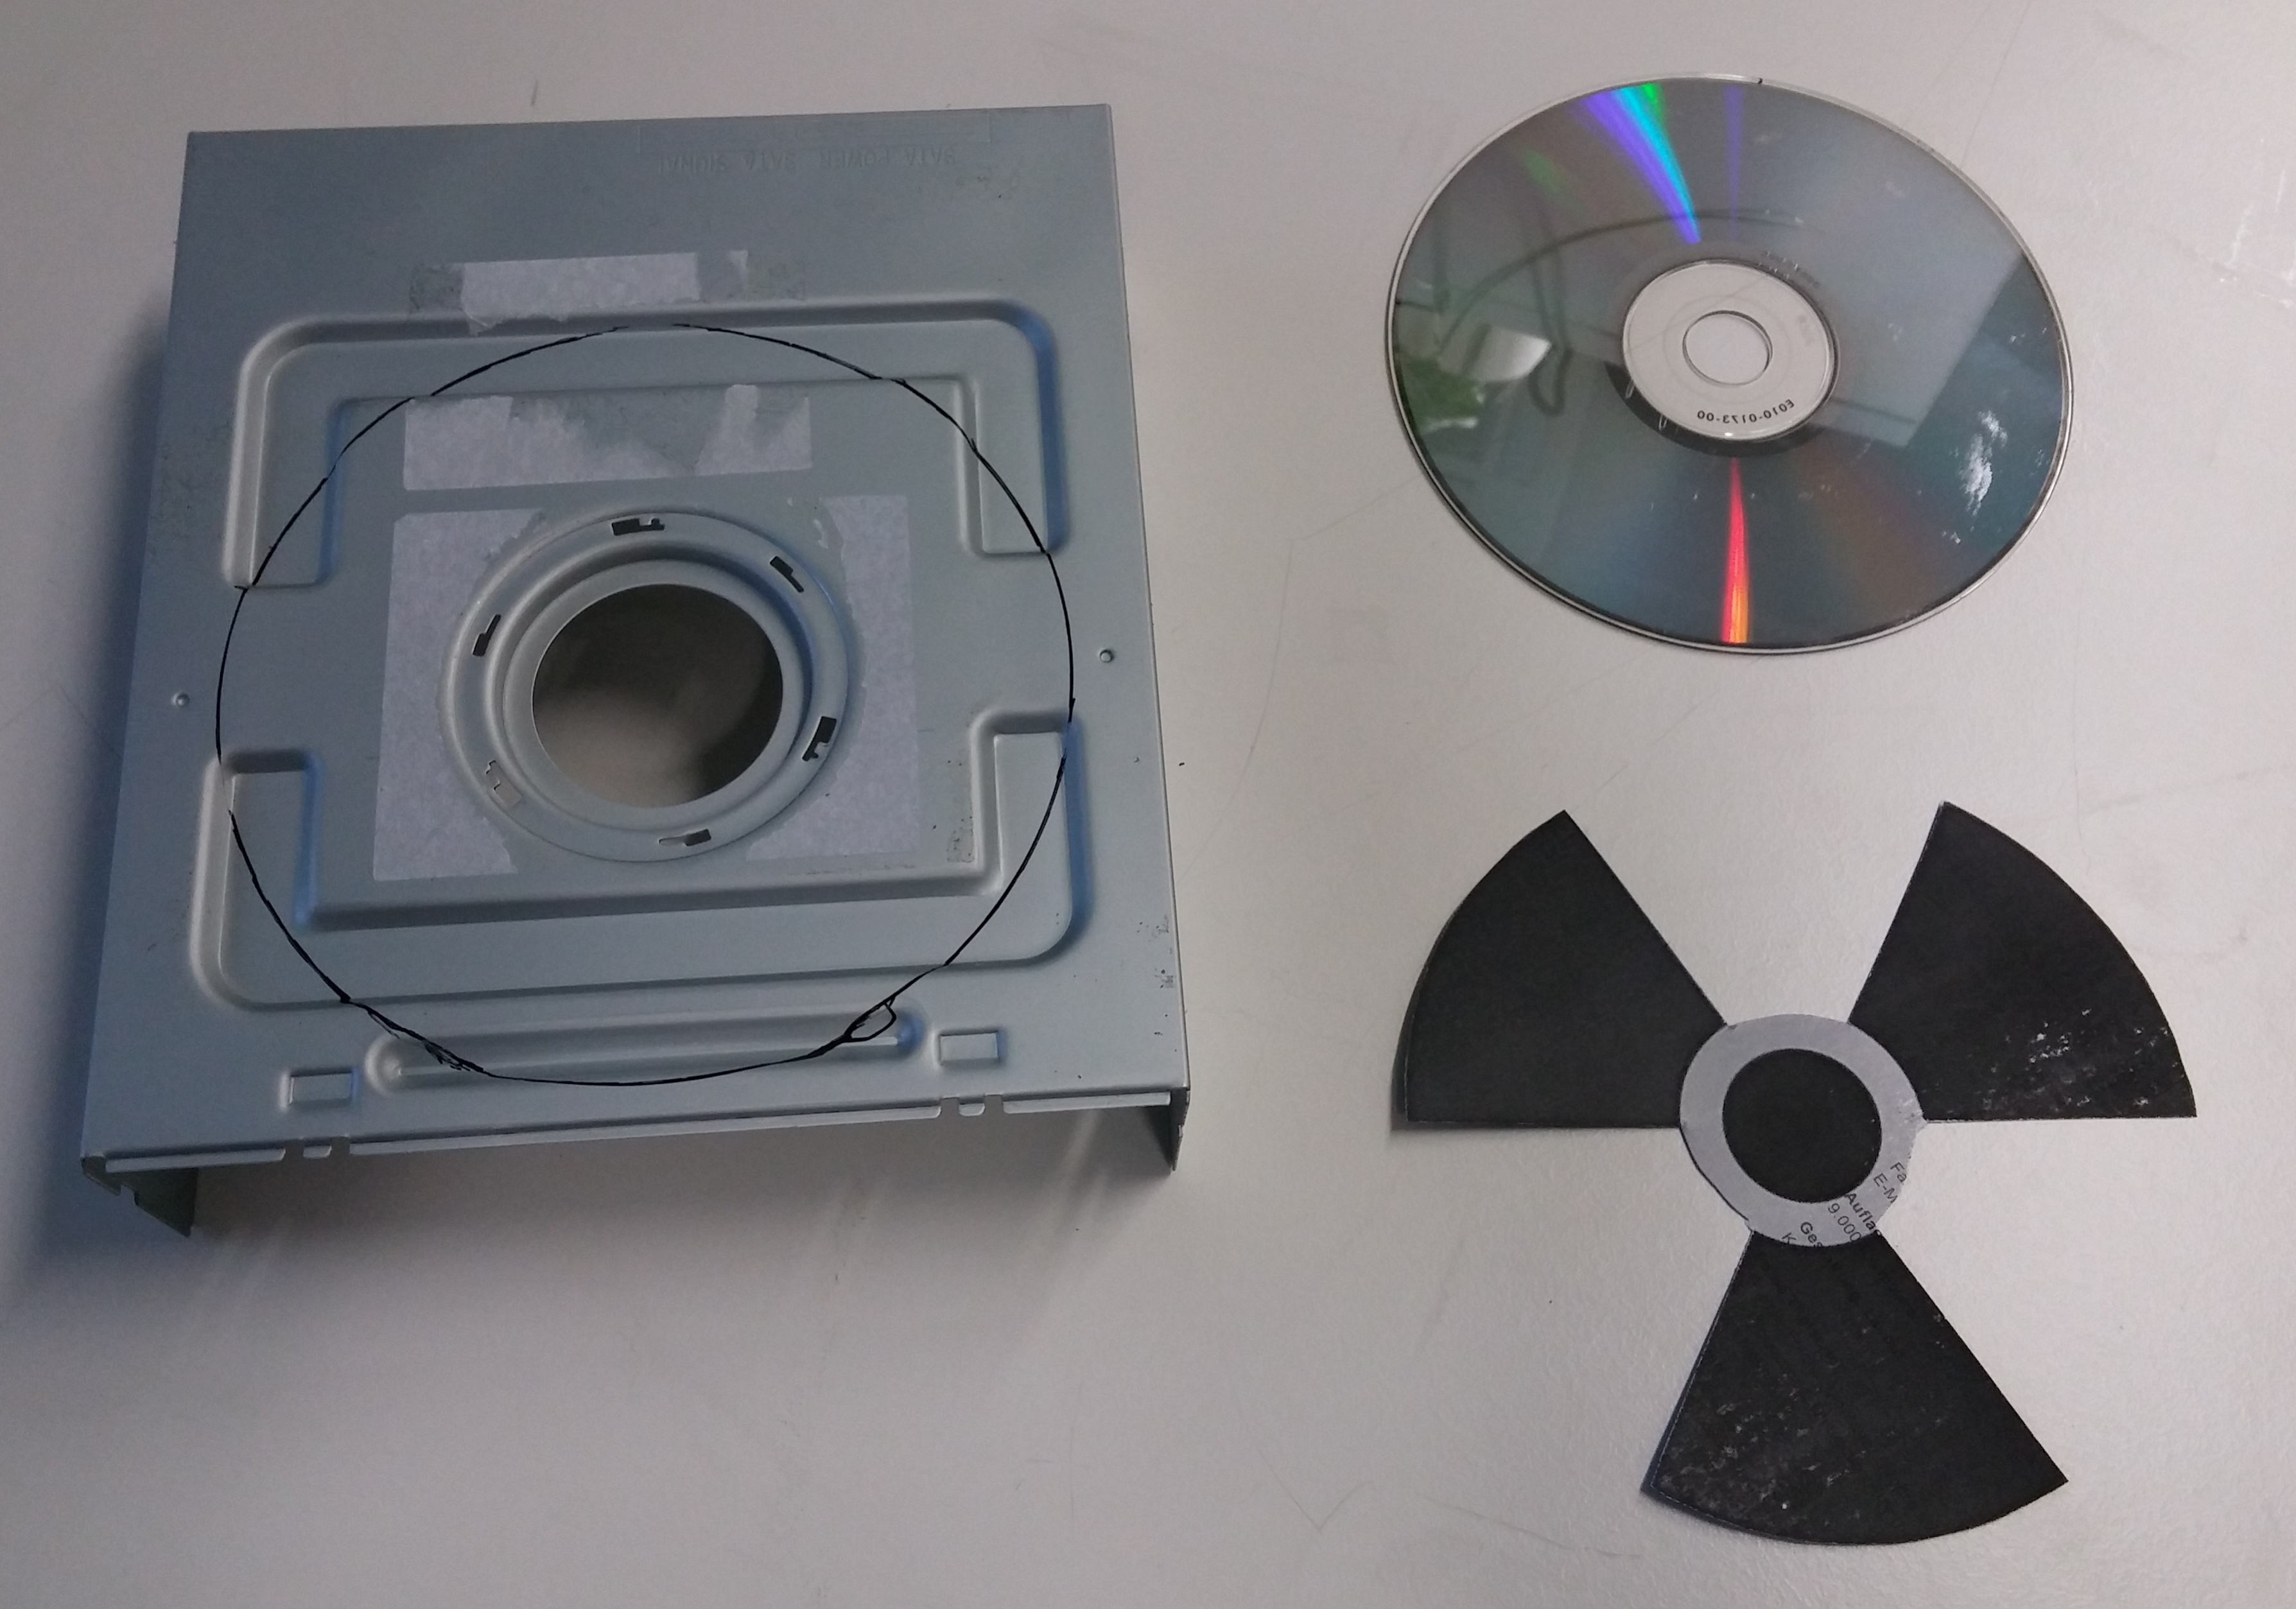 Klicken Sie auf die Grafik für eine größere Ansicht  Name:DVD3.jpg Hits:1392 Größe:1,51 MB ID:926136